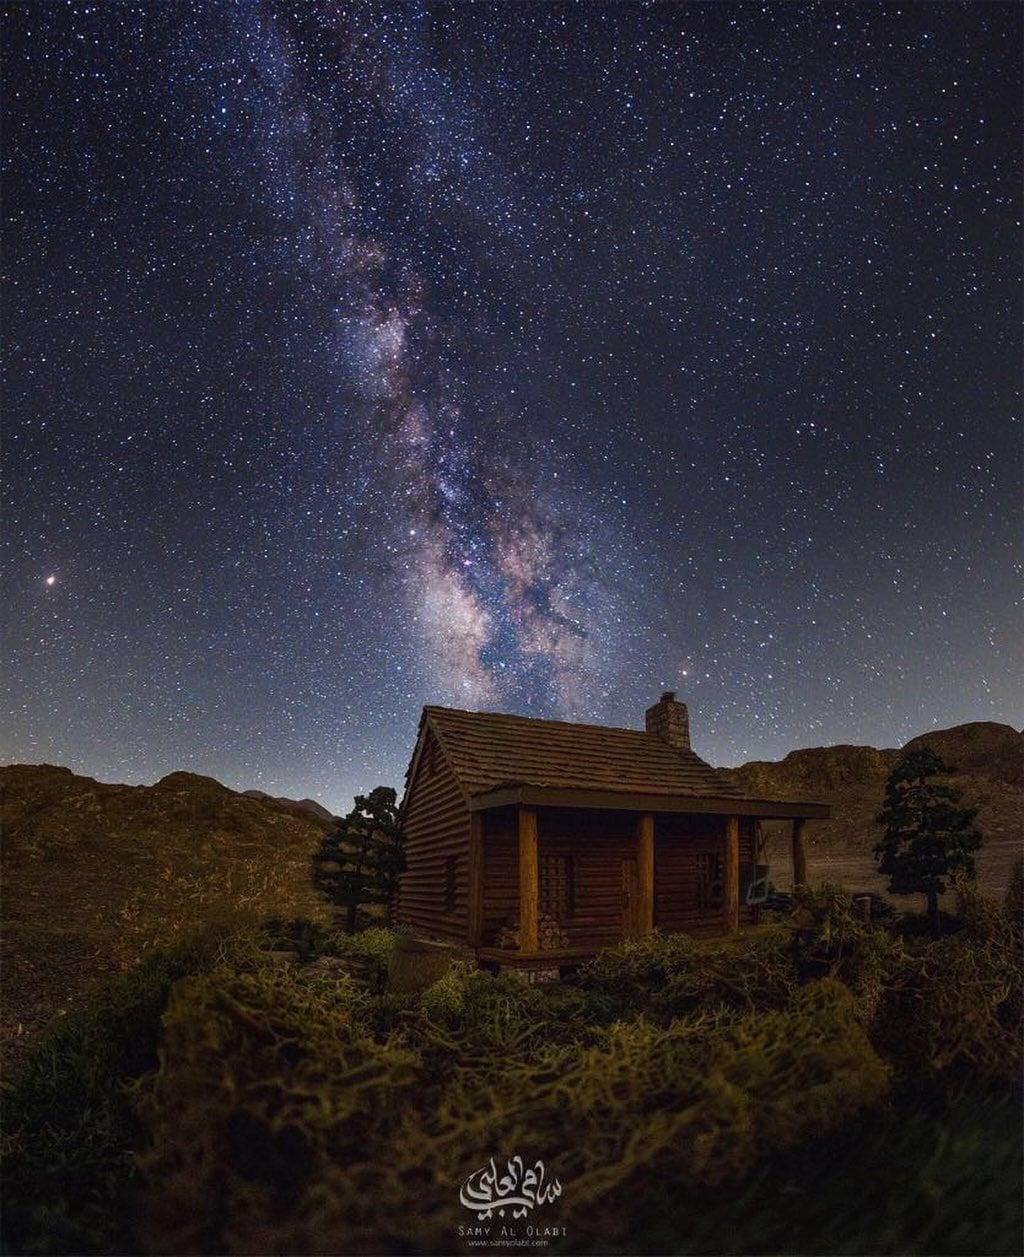 1570431162 740616df27f81a732cb596666be1cd2b - Фотограф снимает игрушечные домики на фоне звёздного неба, и его работы — просто космос